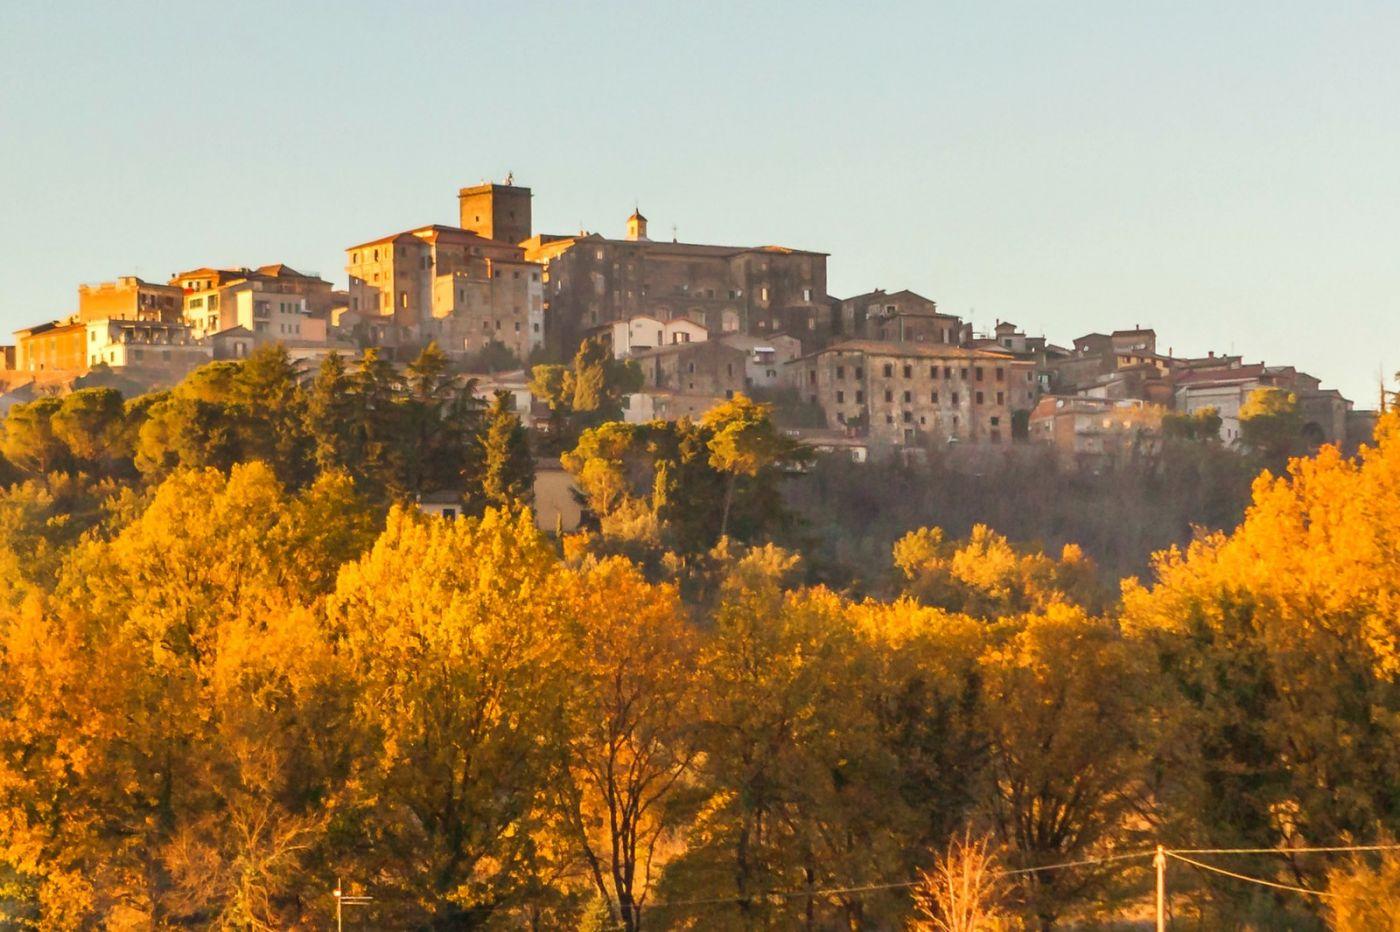 意大利路途,黄昏时的乡村_图1-30